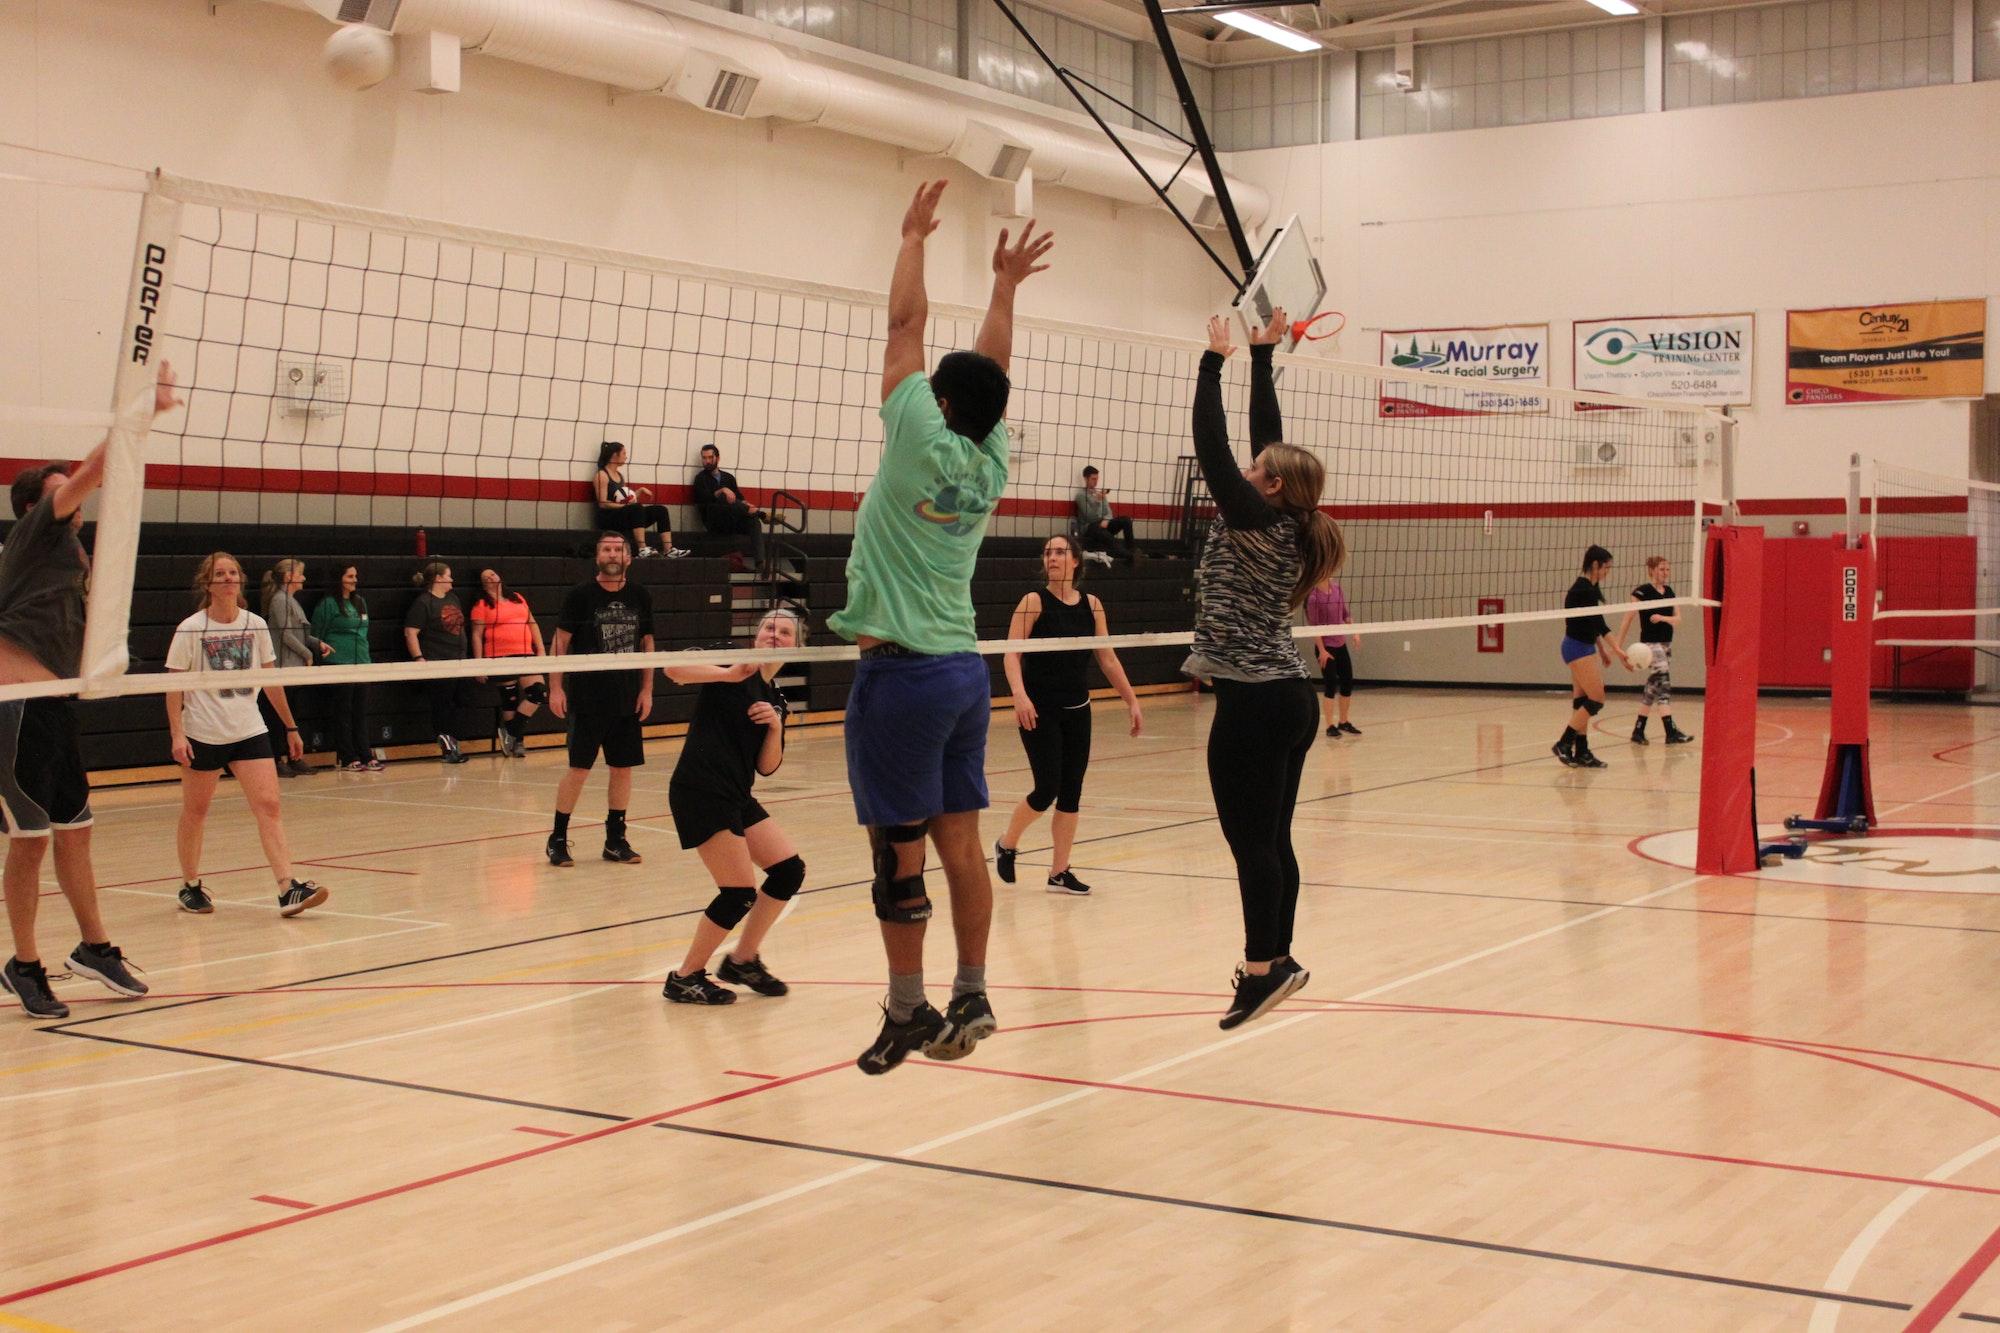 Dynasty Volleyball Club